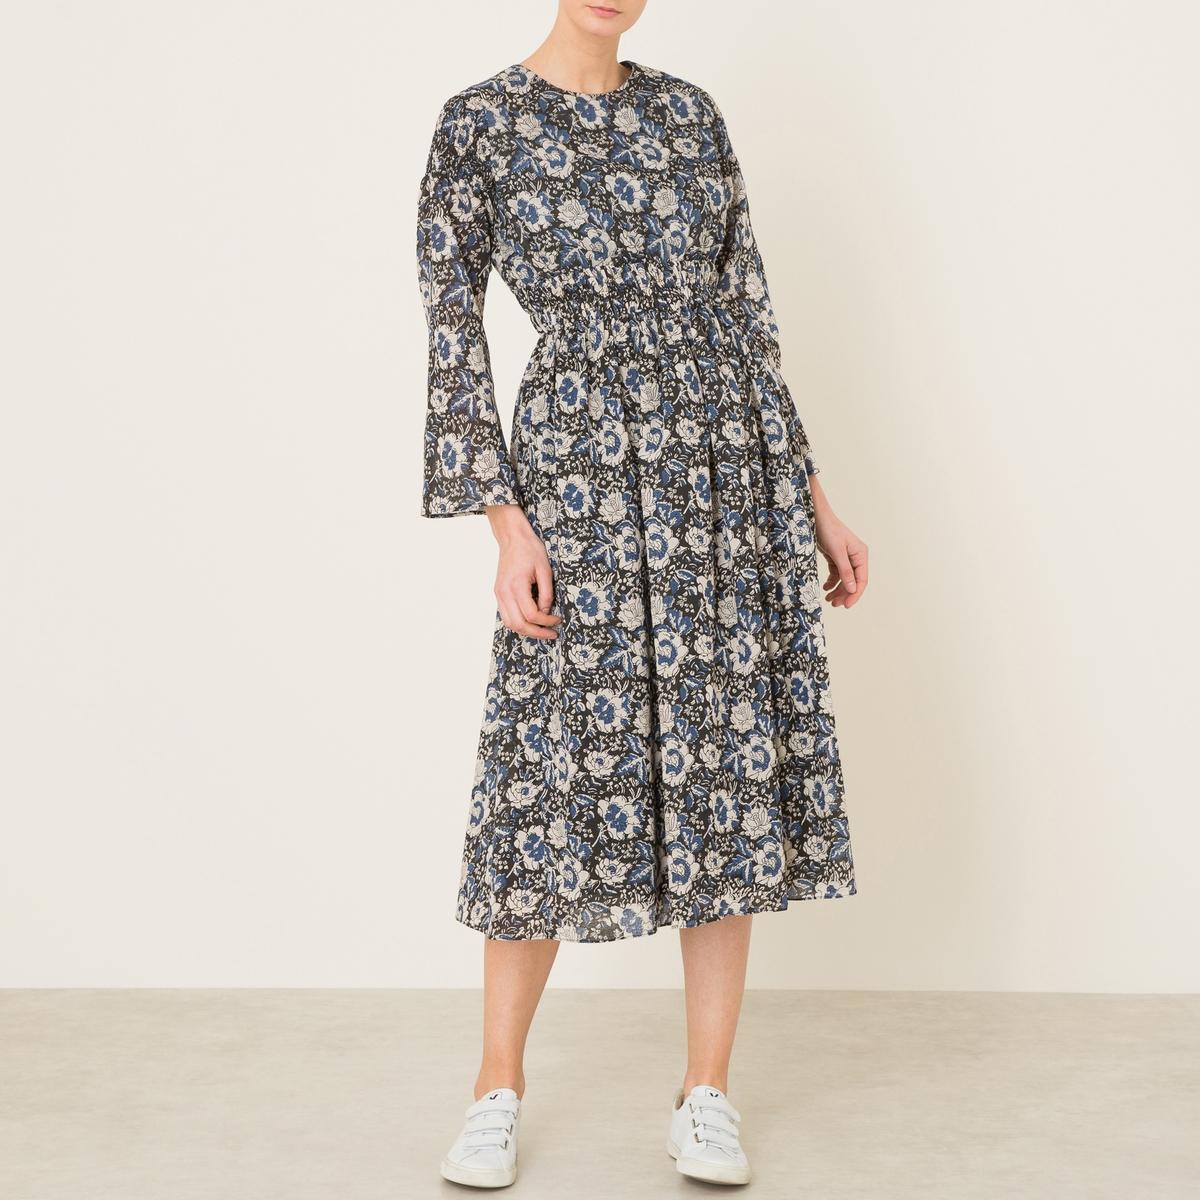 Платье длинное с рисункомДлинное платье с рисунком LAURENCE BRAS из хлопка. Круглый вырез. Эластичные сборки и складки от пояса. Длинные рукава. Состав и описание   Материал : 100% хлопок   Марка : LAURENCE BRAS<br><br>Цвет: наб. рисунок синий